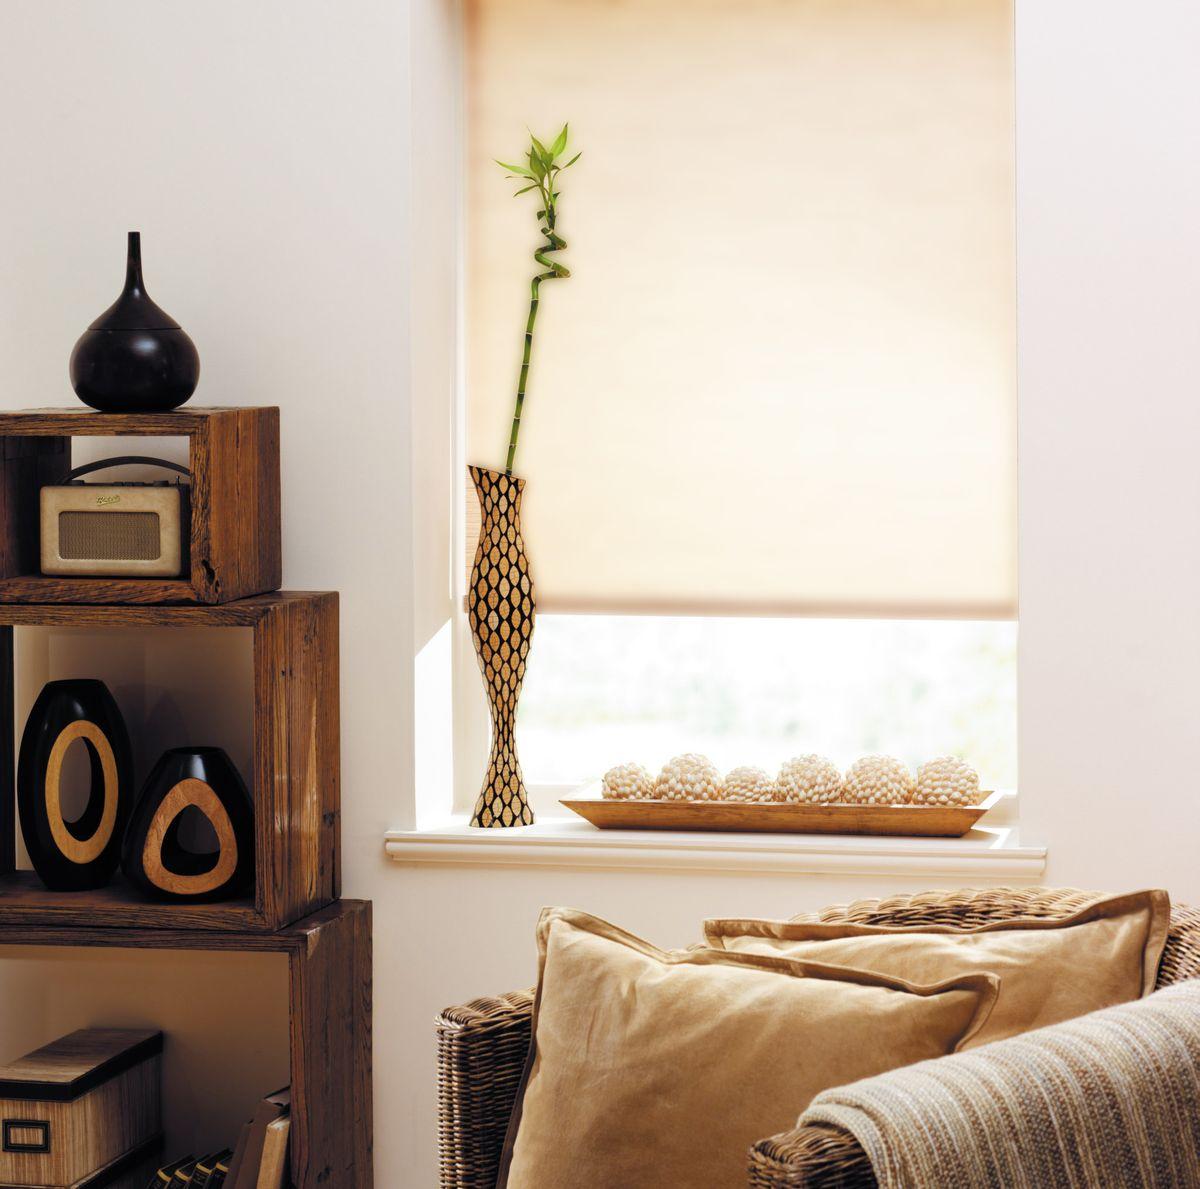 Штора рулонная Эскар Миниролло, цвет: бежевый лен, ширина 73 см, высота 170 см62.РШТО.8979.140х175Рулонная штора Эскар Миниролло выполнена из высокопрочной ткани, которая сохраняет свой размер даже при намокании. Ткань не выцветает и обладает отличной цветоустойчивостью.Миниролло - это подвид рулонных штор, который закрывает не весь оконный проем, а непосредственно само стекло. Такие шторы крепятся на раму без сверления при помощи зажимов или клейкой двухсторонней ленты (в комплекте). Окно остается на гарантии, благодаря монтажу без сверления. Такая штора станет прекрасным элементом декора окна и гармонично впишется в интерьер любого помещения.